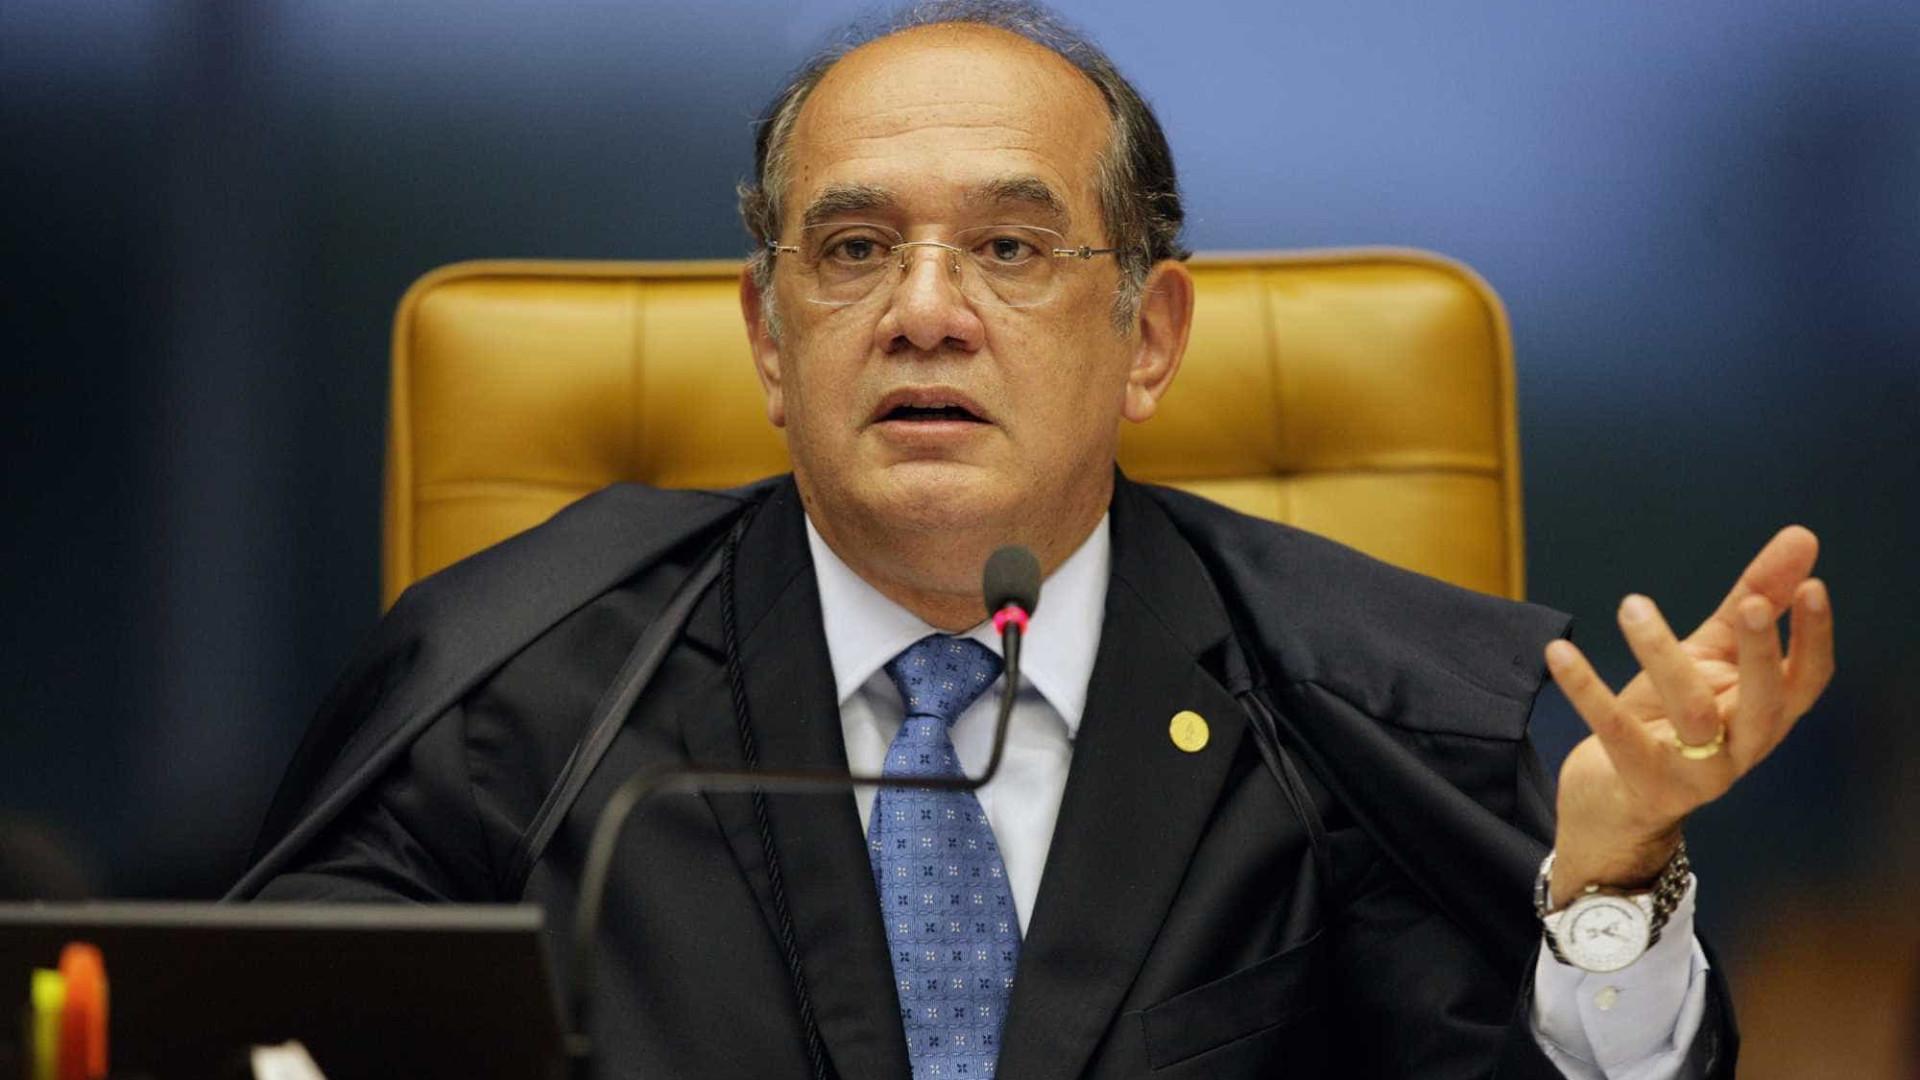 De férias, Gilmar Mendes 'pega carona' em voo oficial para Portugal